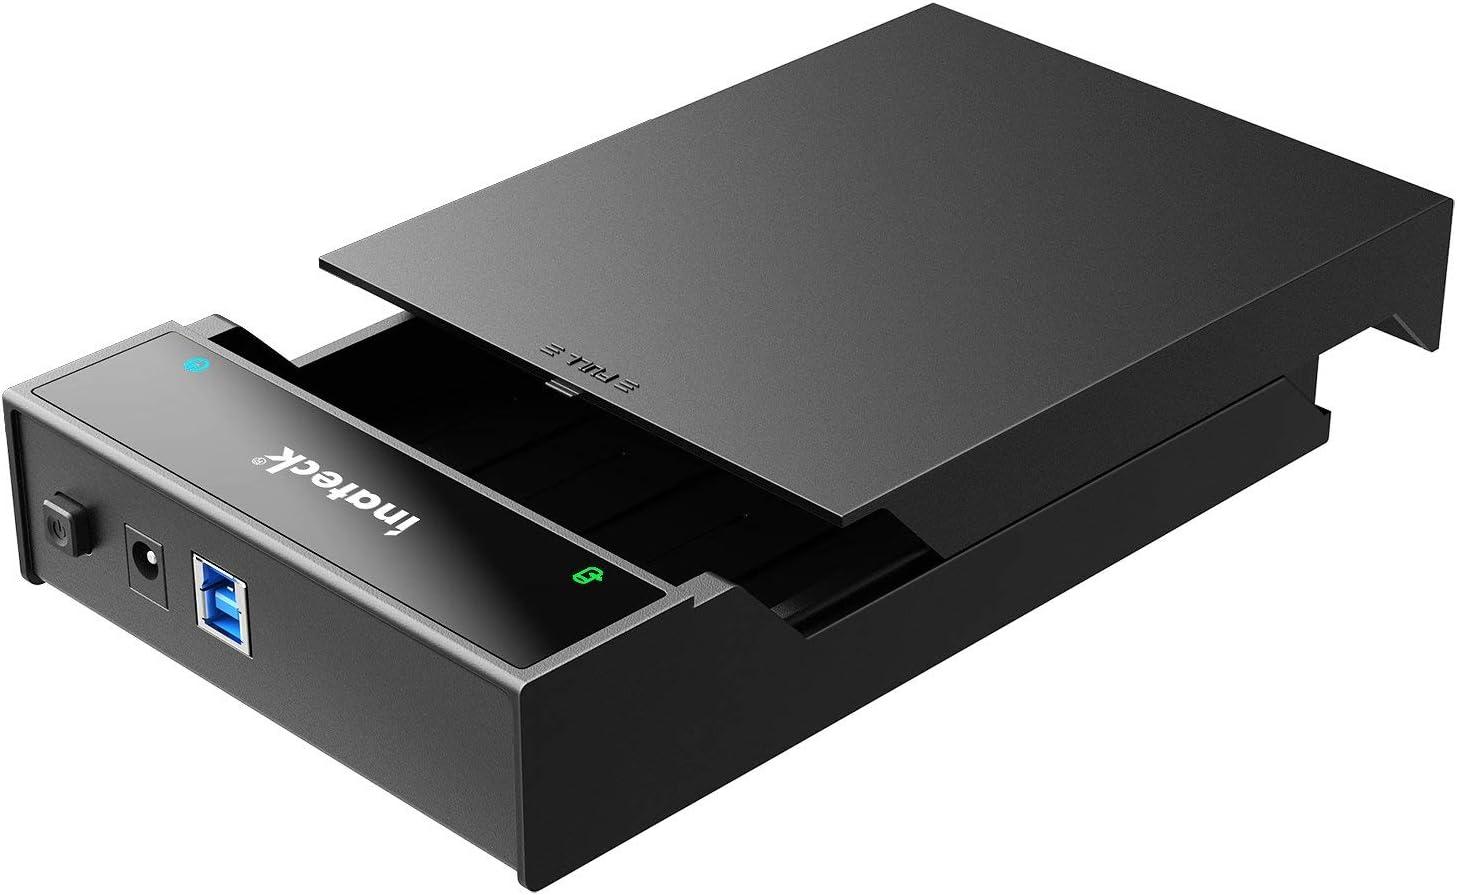 Inateck - Caja de Disco Duro (2.5/3.5, USB 3.0), Color Negro: Amazon.es: Informática